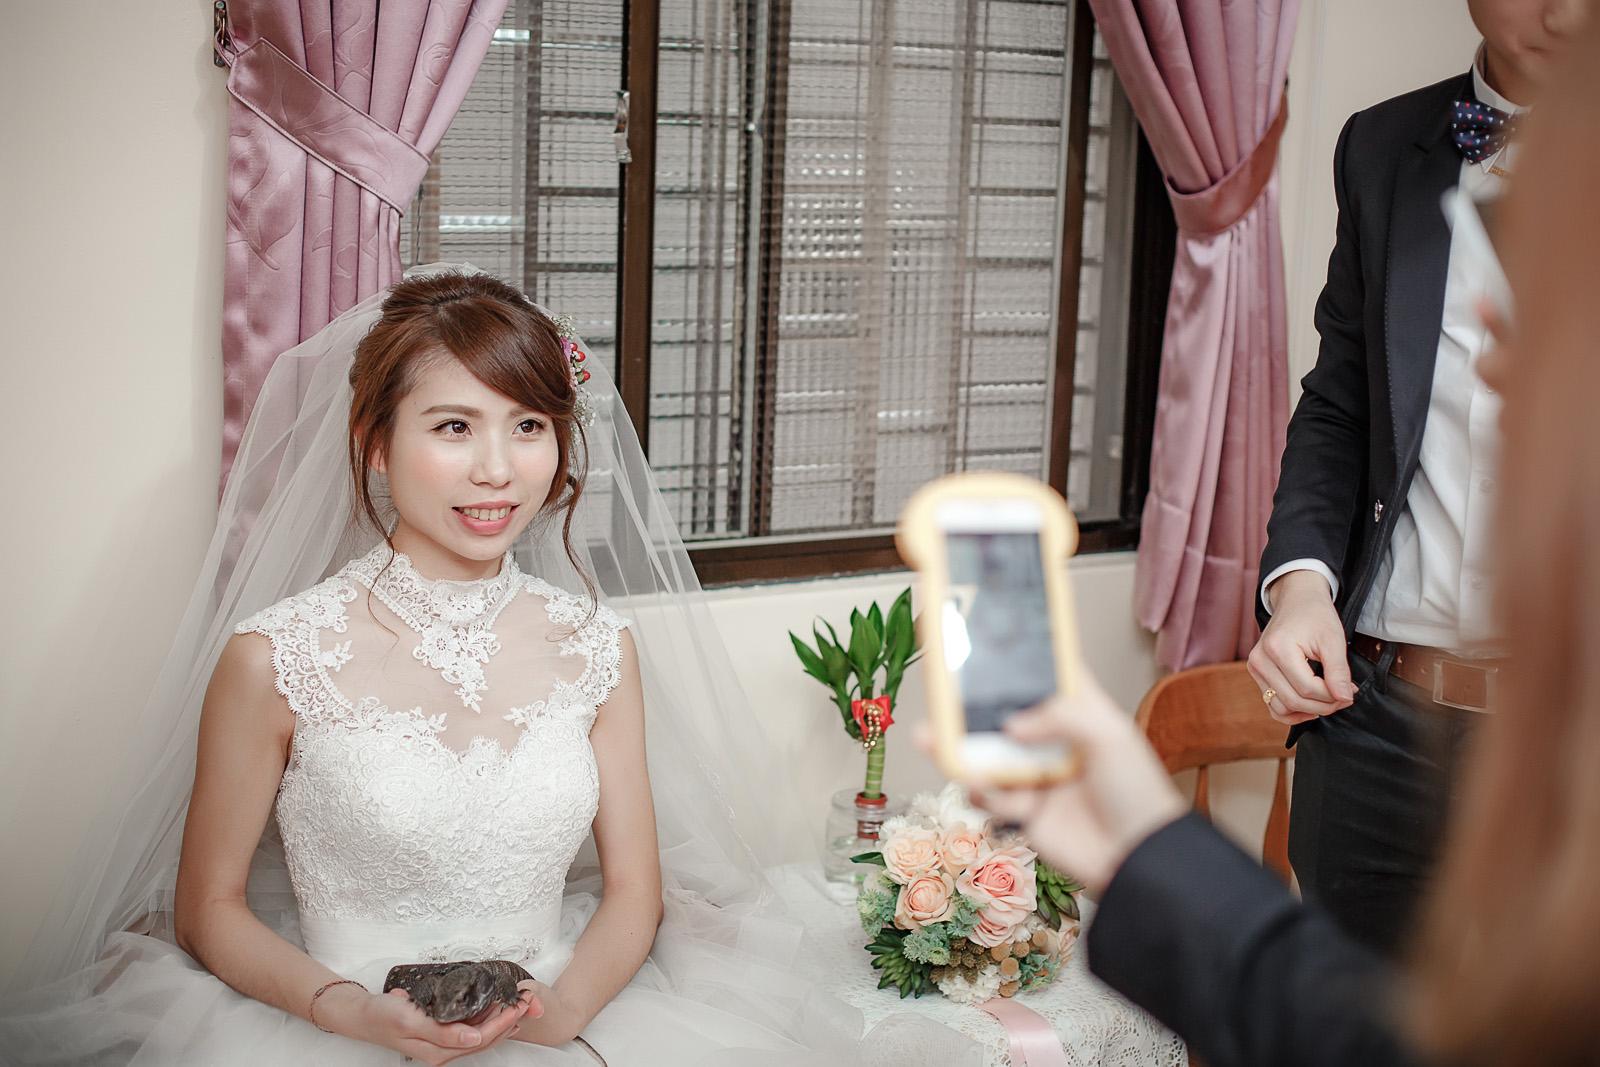 高雄圓山飯店,婚禮攝影,婚攝,高雄婚攝,優質婚攝推薦,Jen&Ethan-188